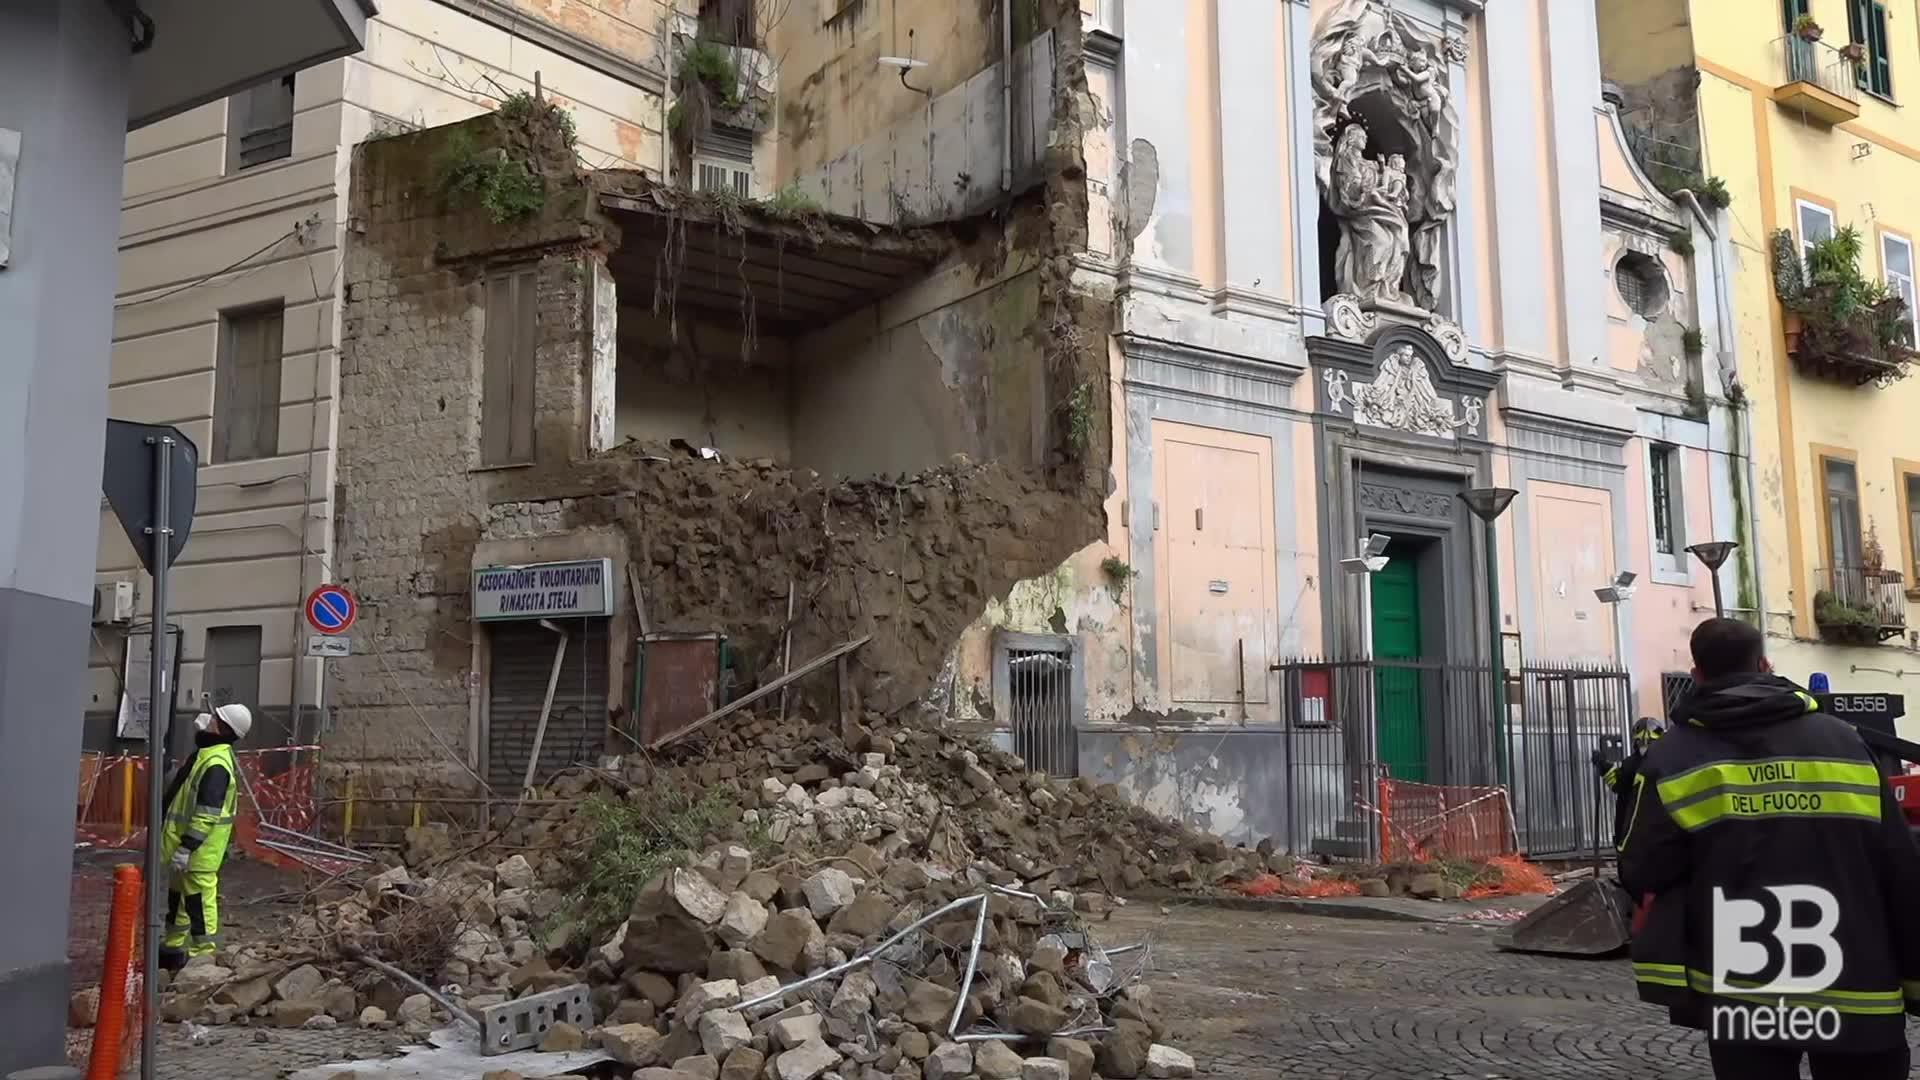 Crolla porzione facciata chiesa: Napoli, le prime immagini